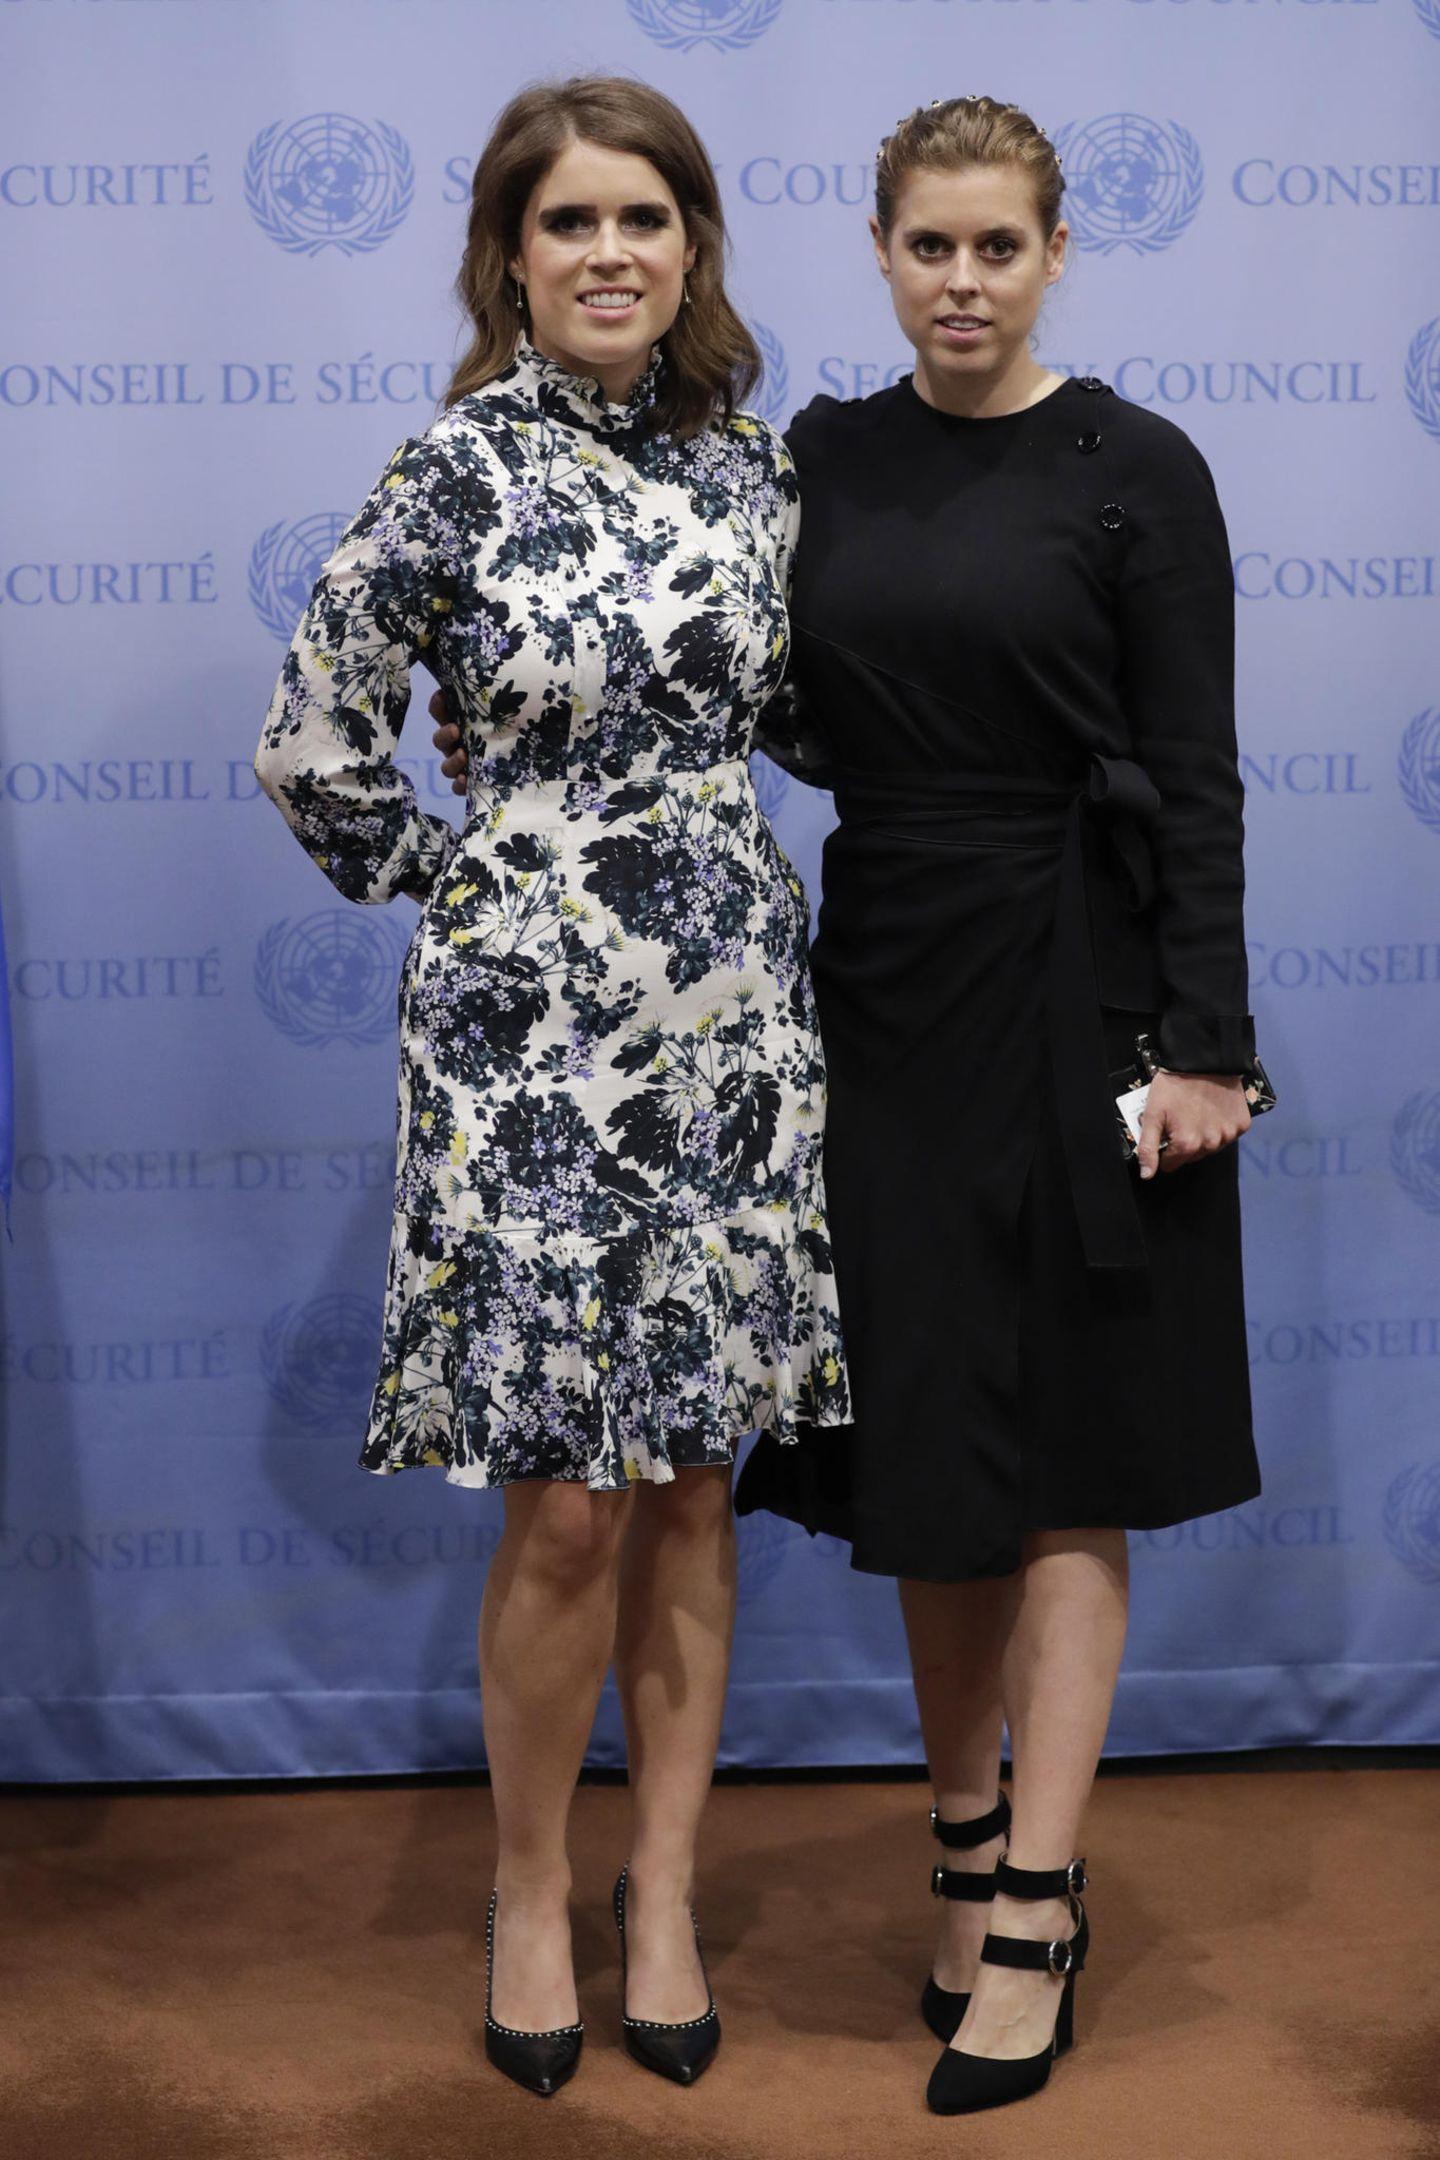 Je näher die Hochzeit am 12. Oktober rückt, umso schlanker scheint Prinzessin Eugenie. Zwischen diesem und dem vorherigen Foto liegt mal gerade ein Monat, doch das Kleid sitzt - vor allem an der Taille - schon anders. Laut Experten sind bereits 6 Kilogramm gepurzelt.